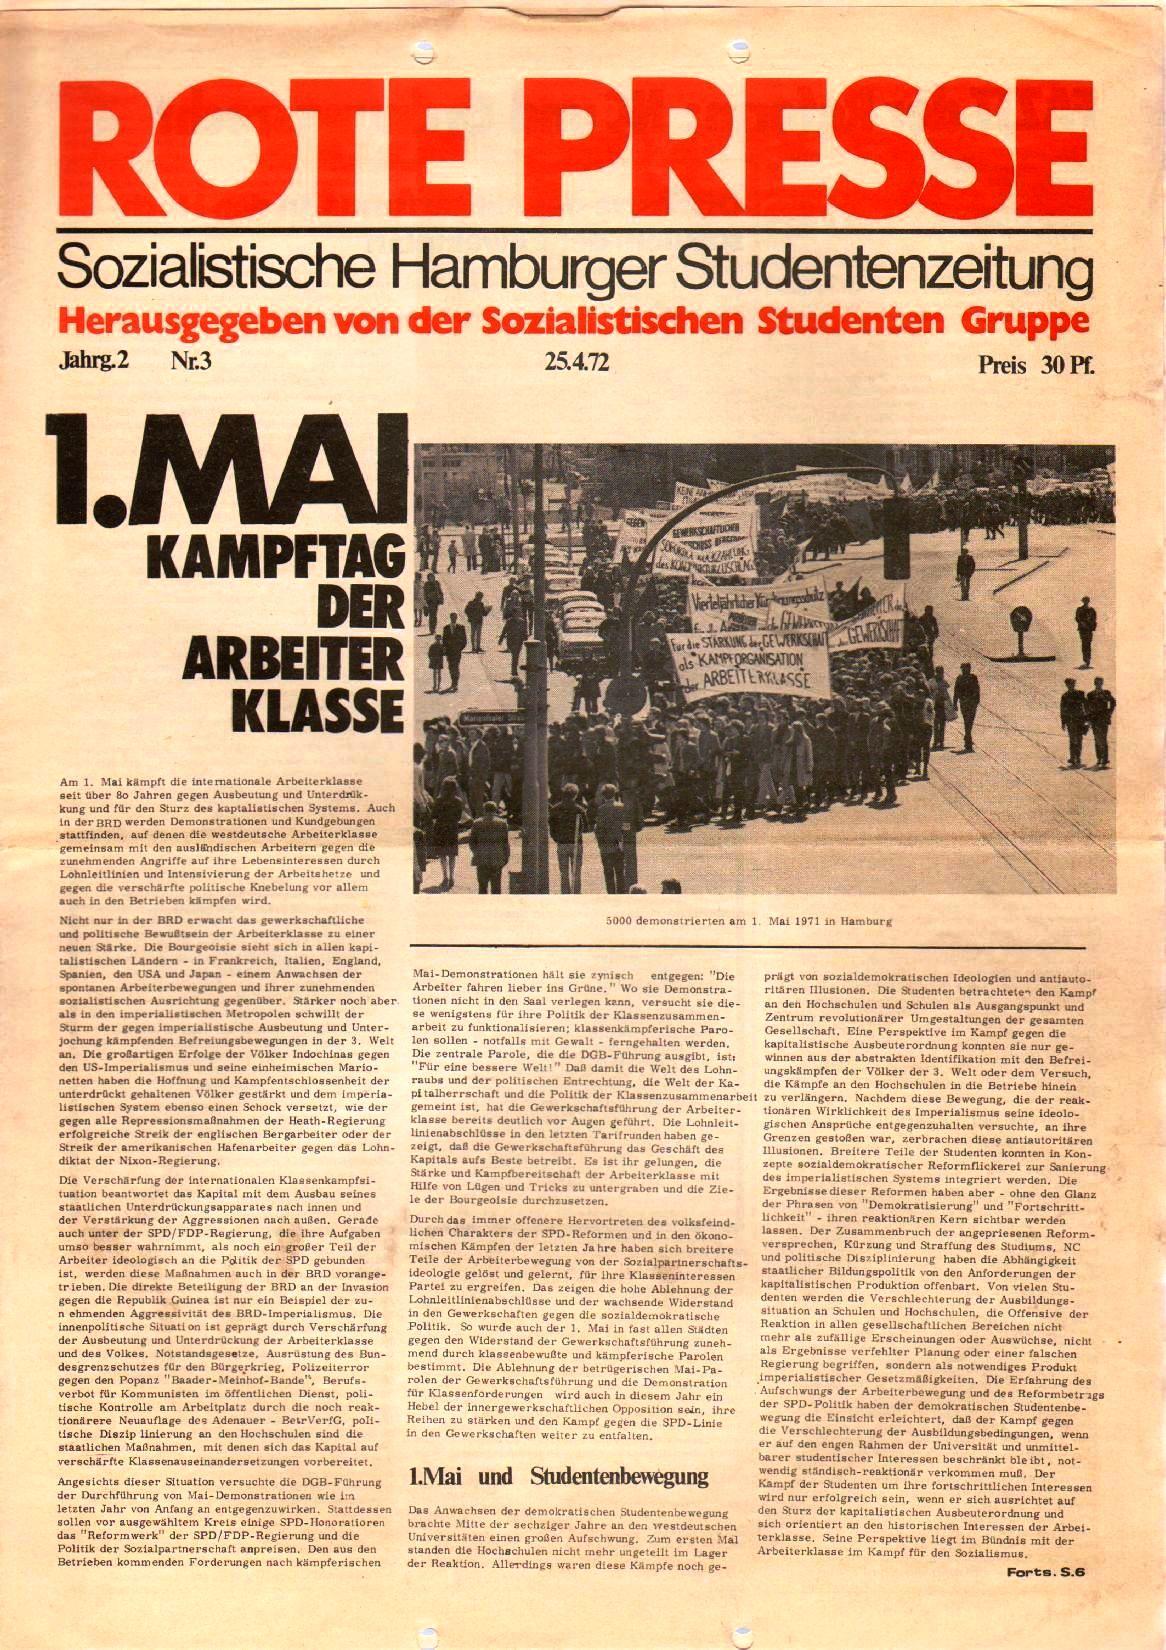 Hamburg_Rote_Presse003